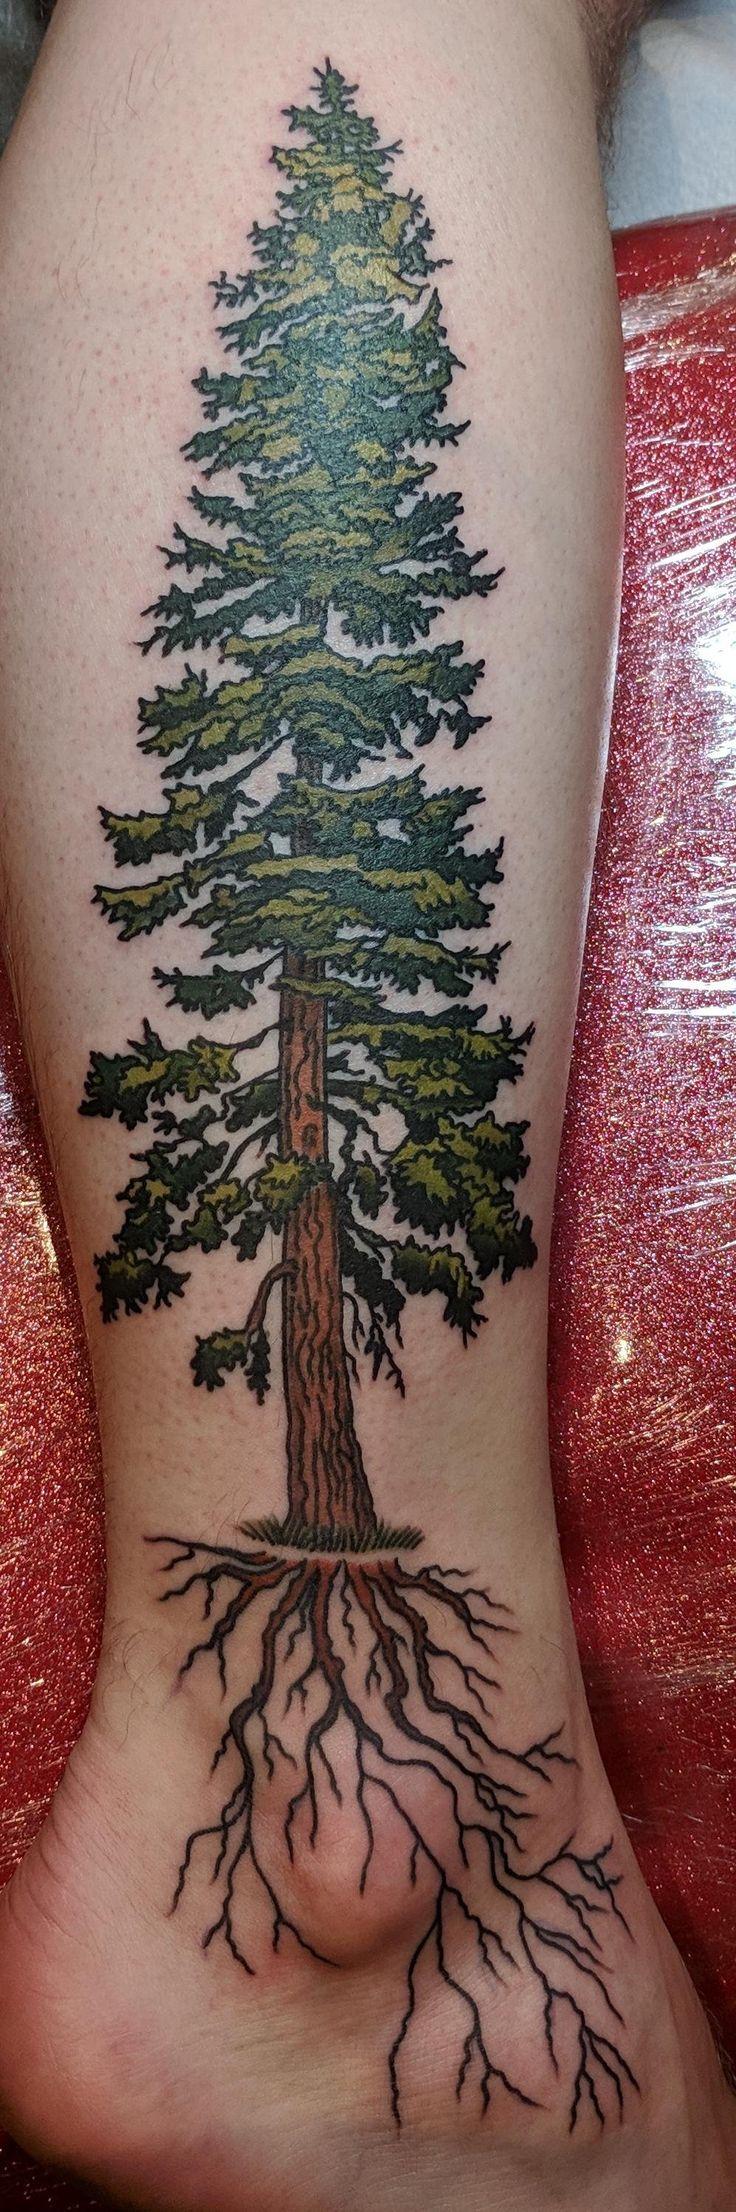 Douglas fir tree by brynn sladky fortune tattoo